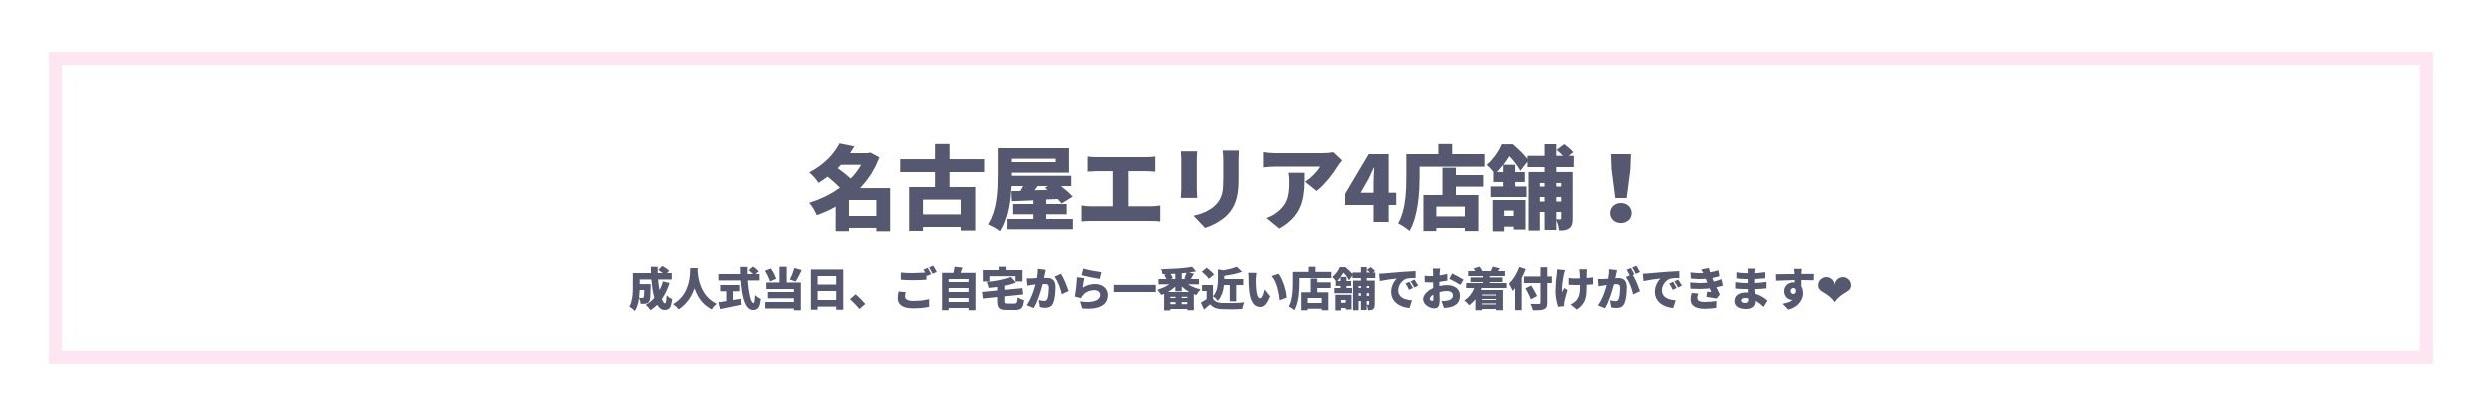 名古屋4店舗